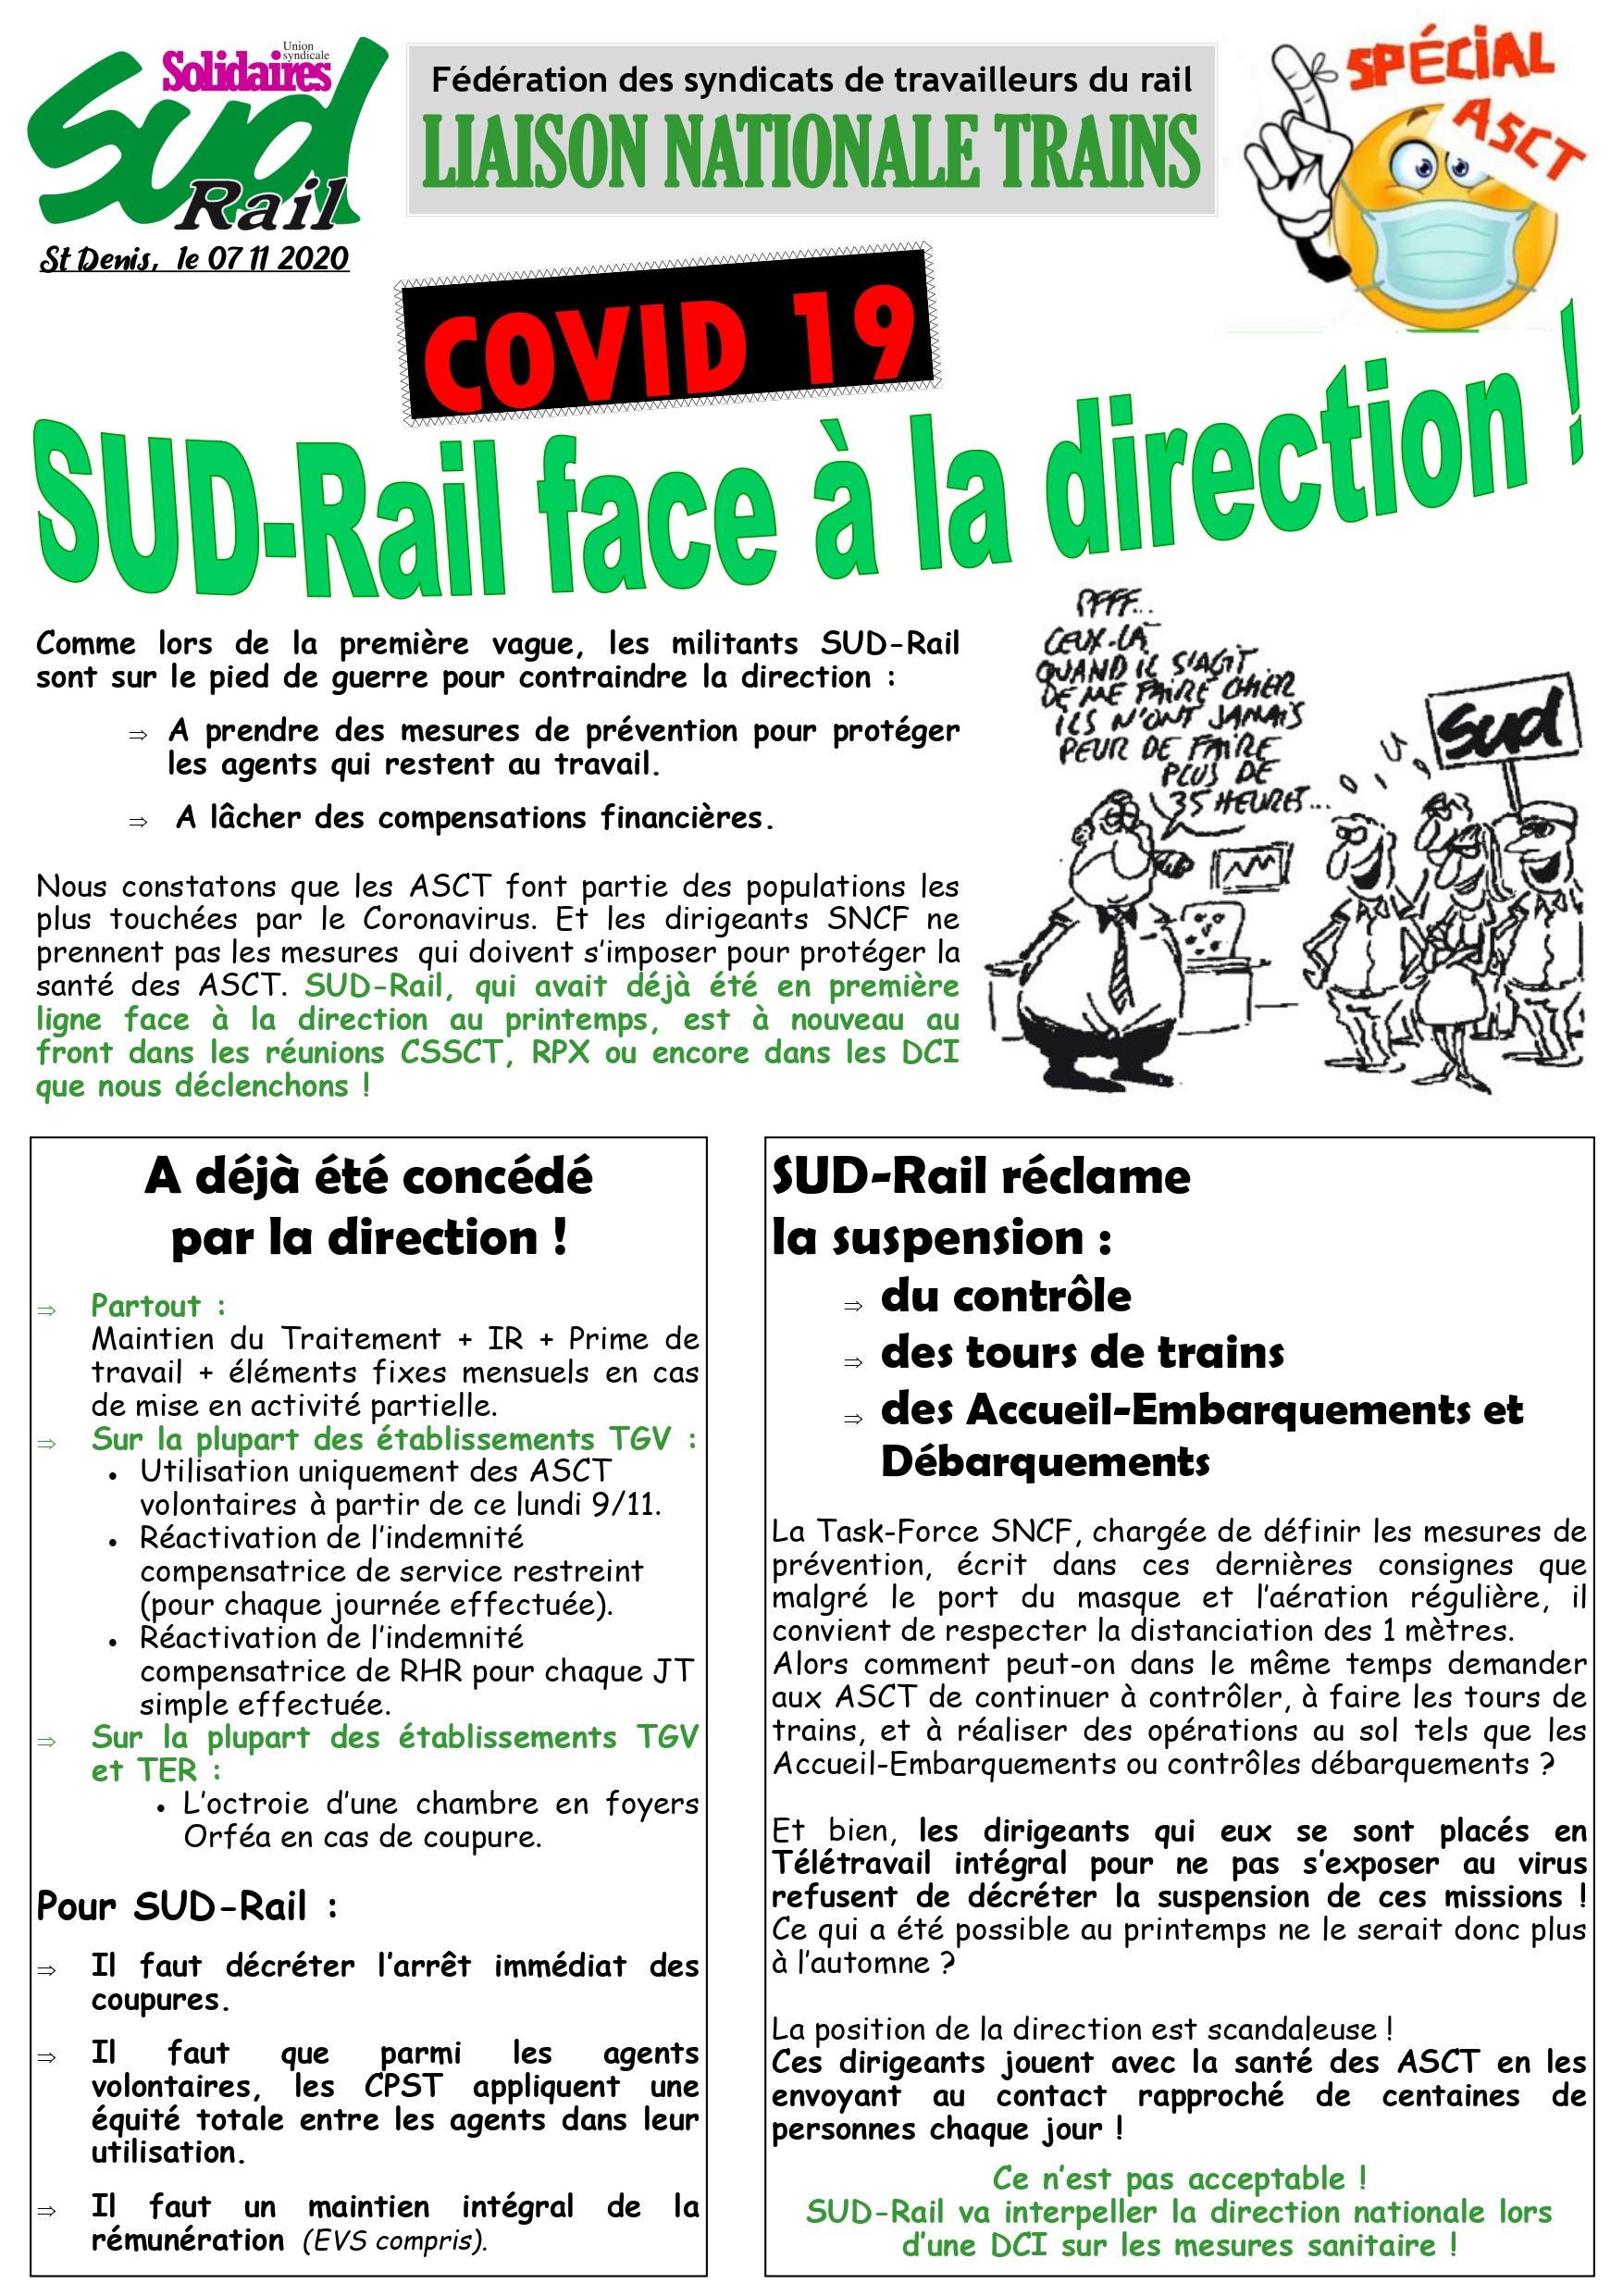 LN TRAINS : SUD-Rail réclame des mesures supplémentaires pour les ASCT face aux COVID